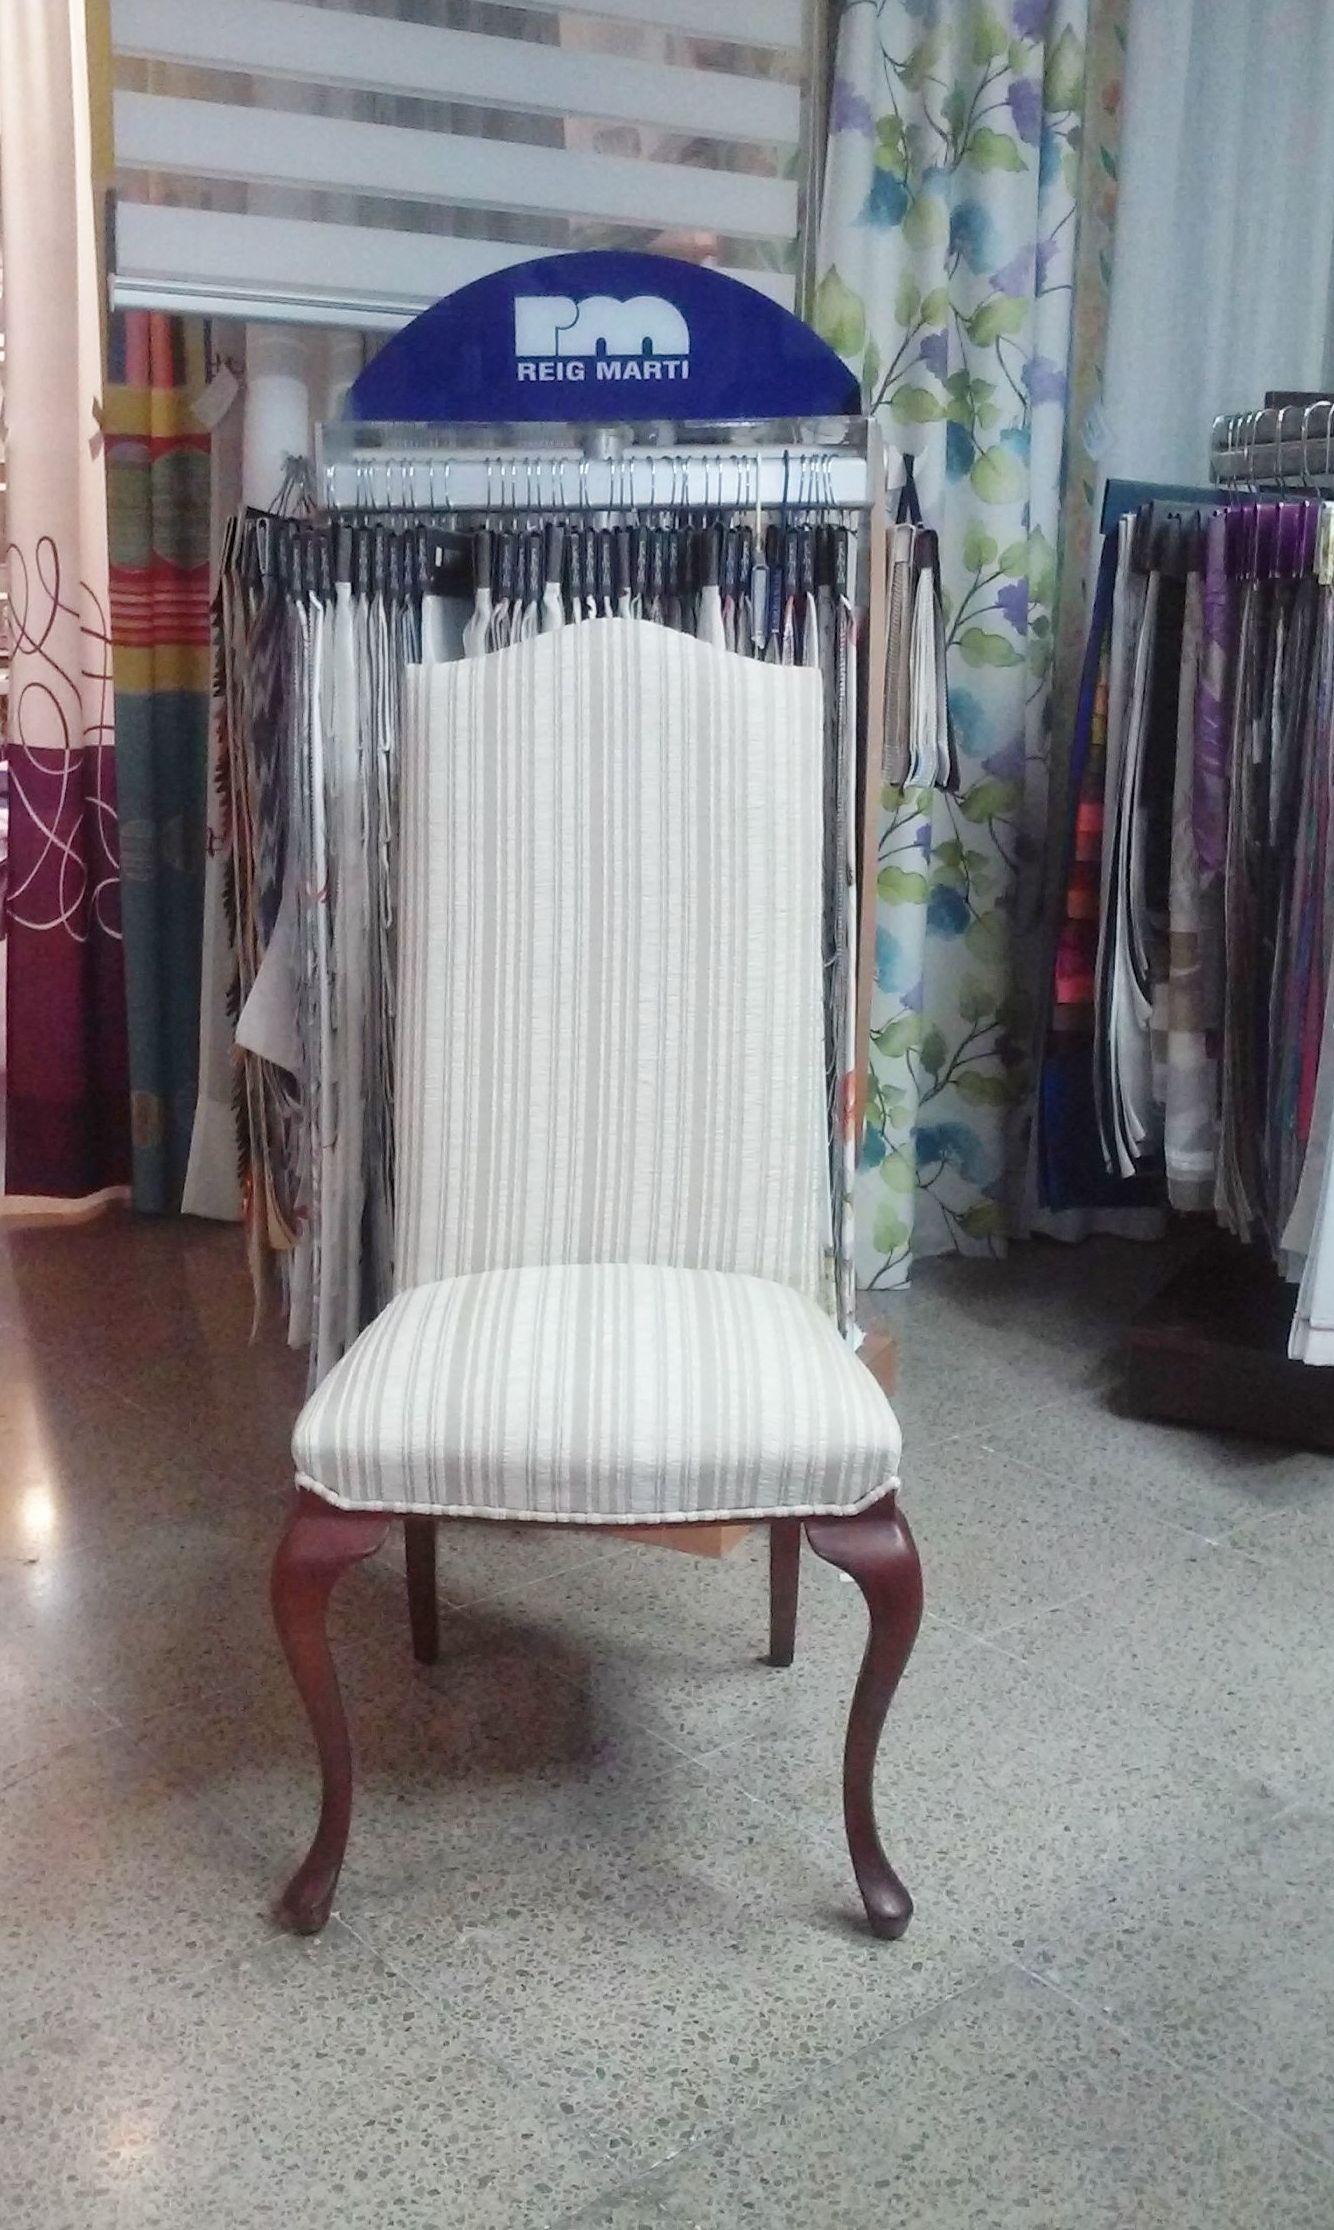 Silla comedor asiento y respaldo tapizado con tejido a rayas